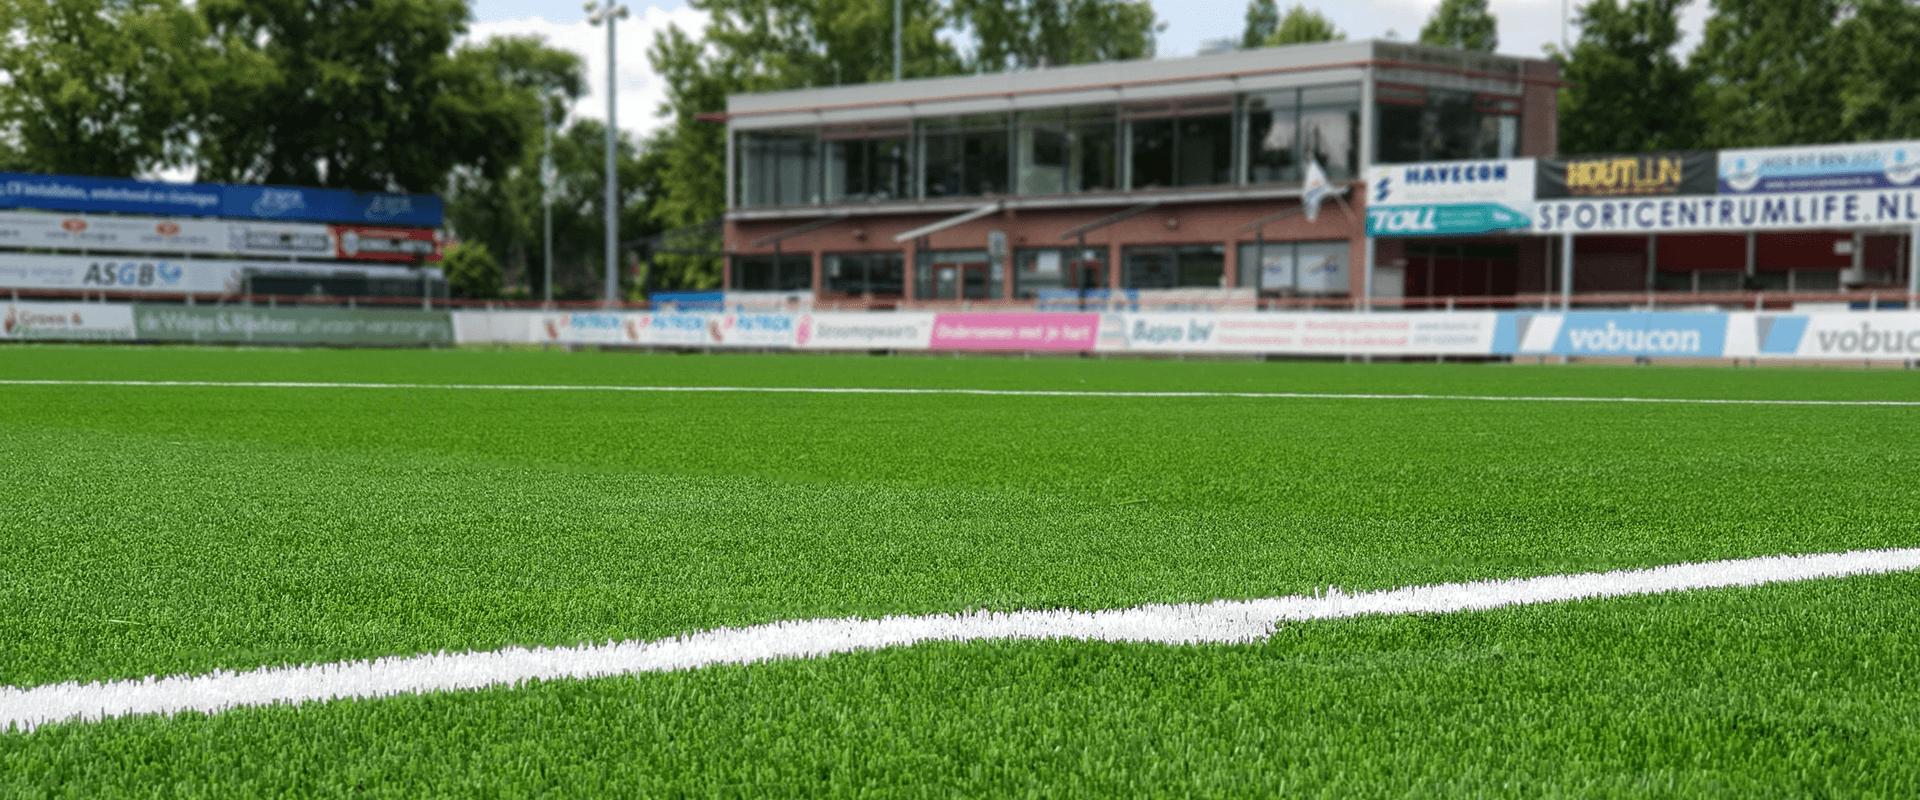 Sportpark Dijkpolder Excelsior Maassluis